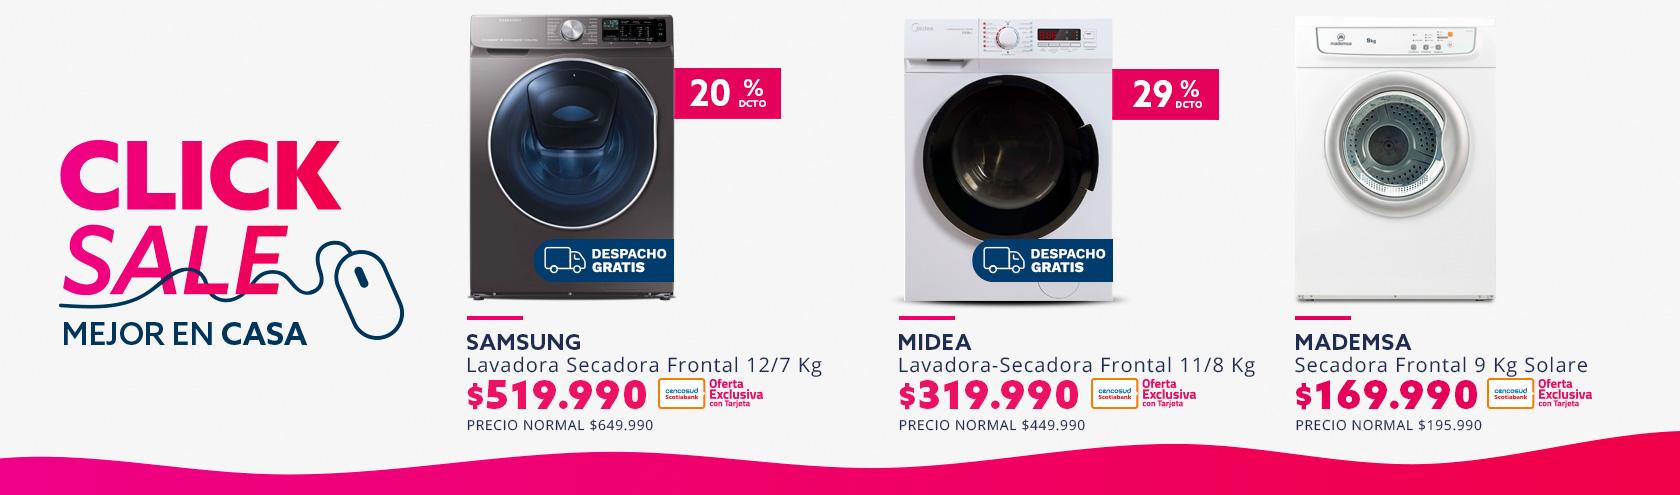 Ver ofertas en lavado y secado, despacho gratis en Región metropolitana